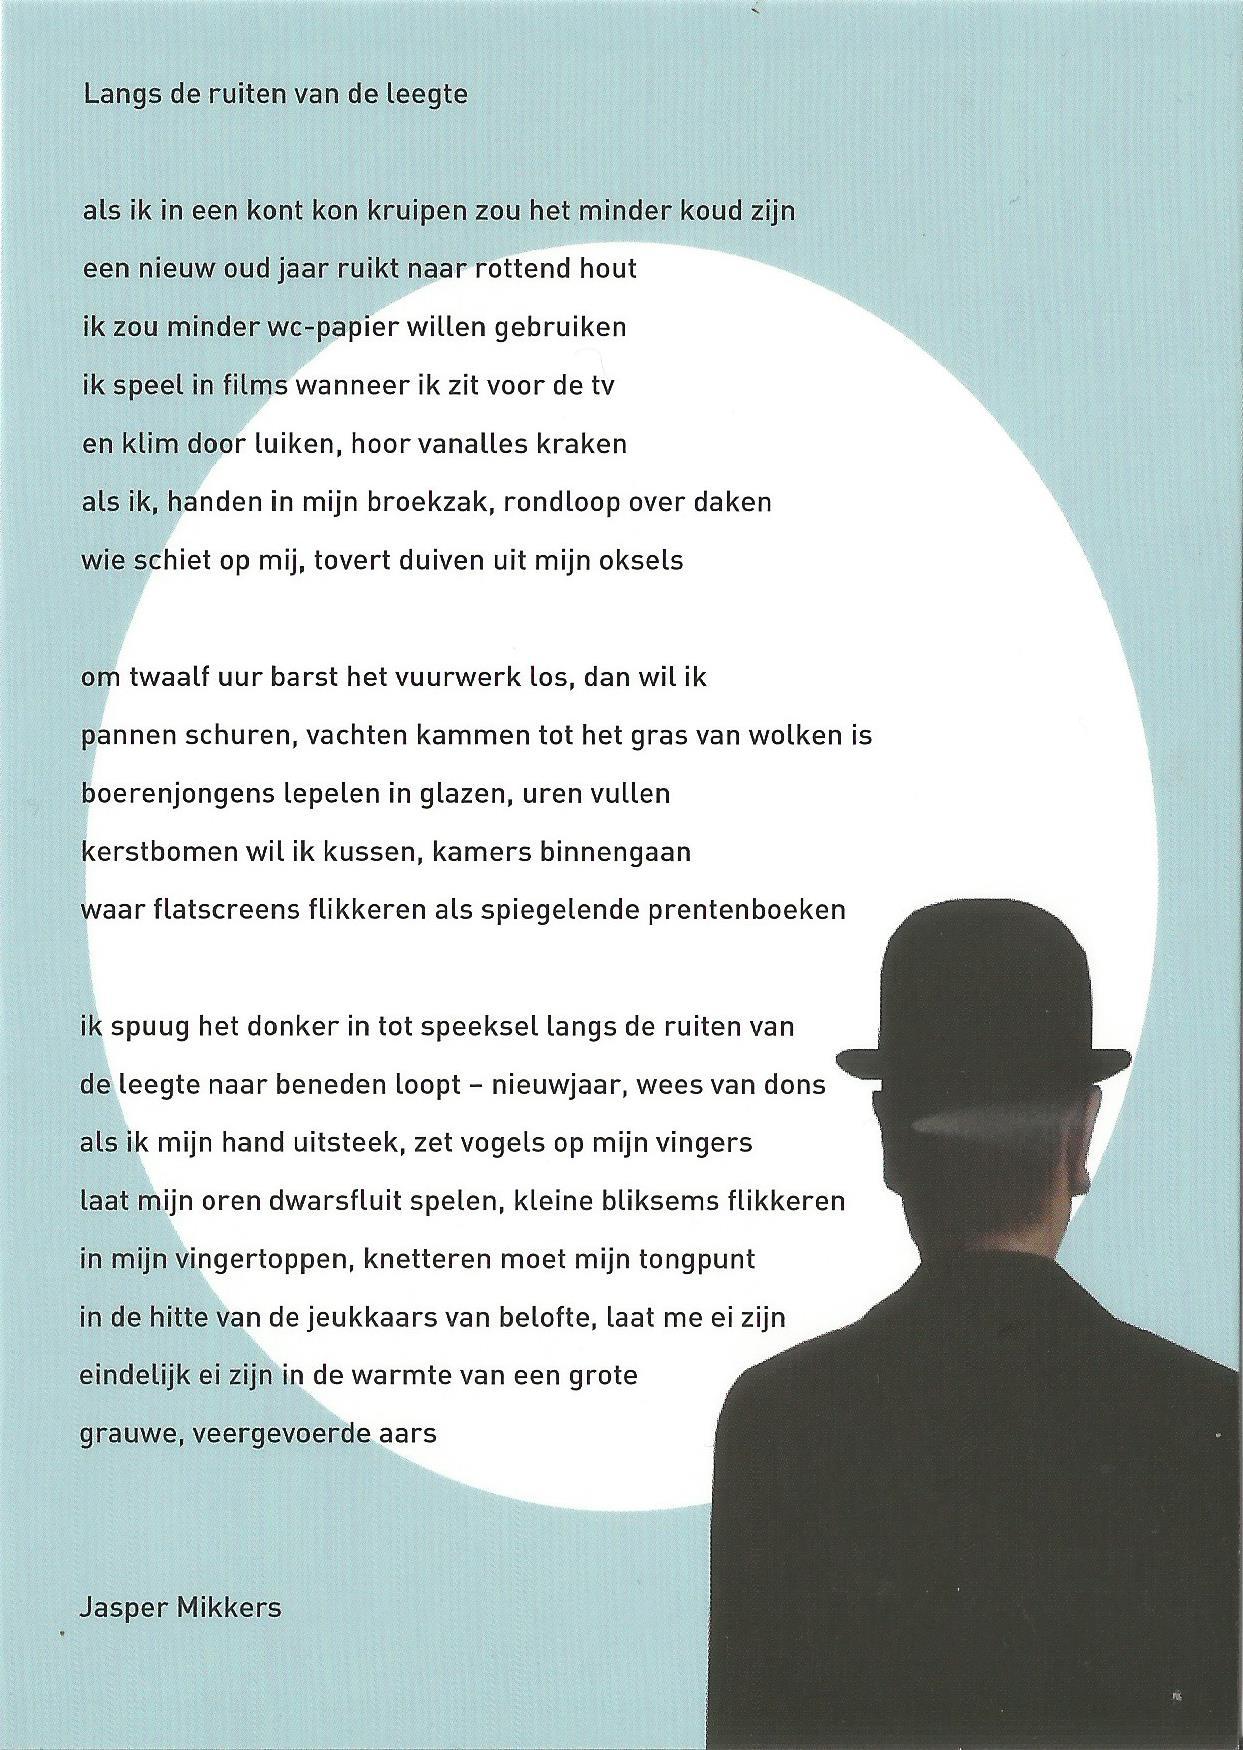 Dichters Wensen Een Poëtisch 2015 Jasper Mikkers